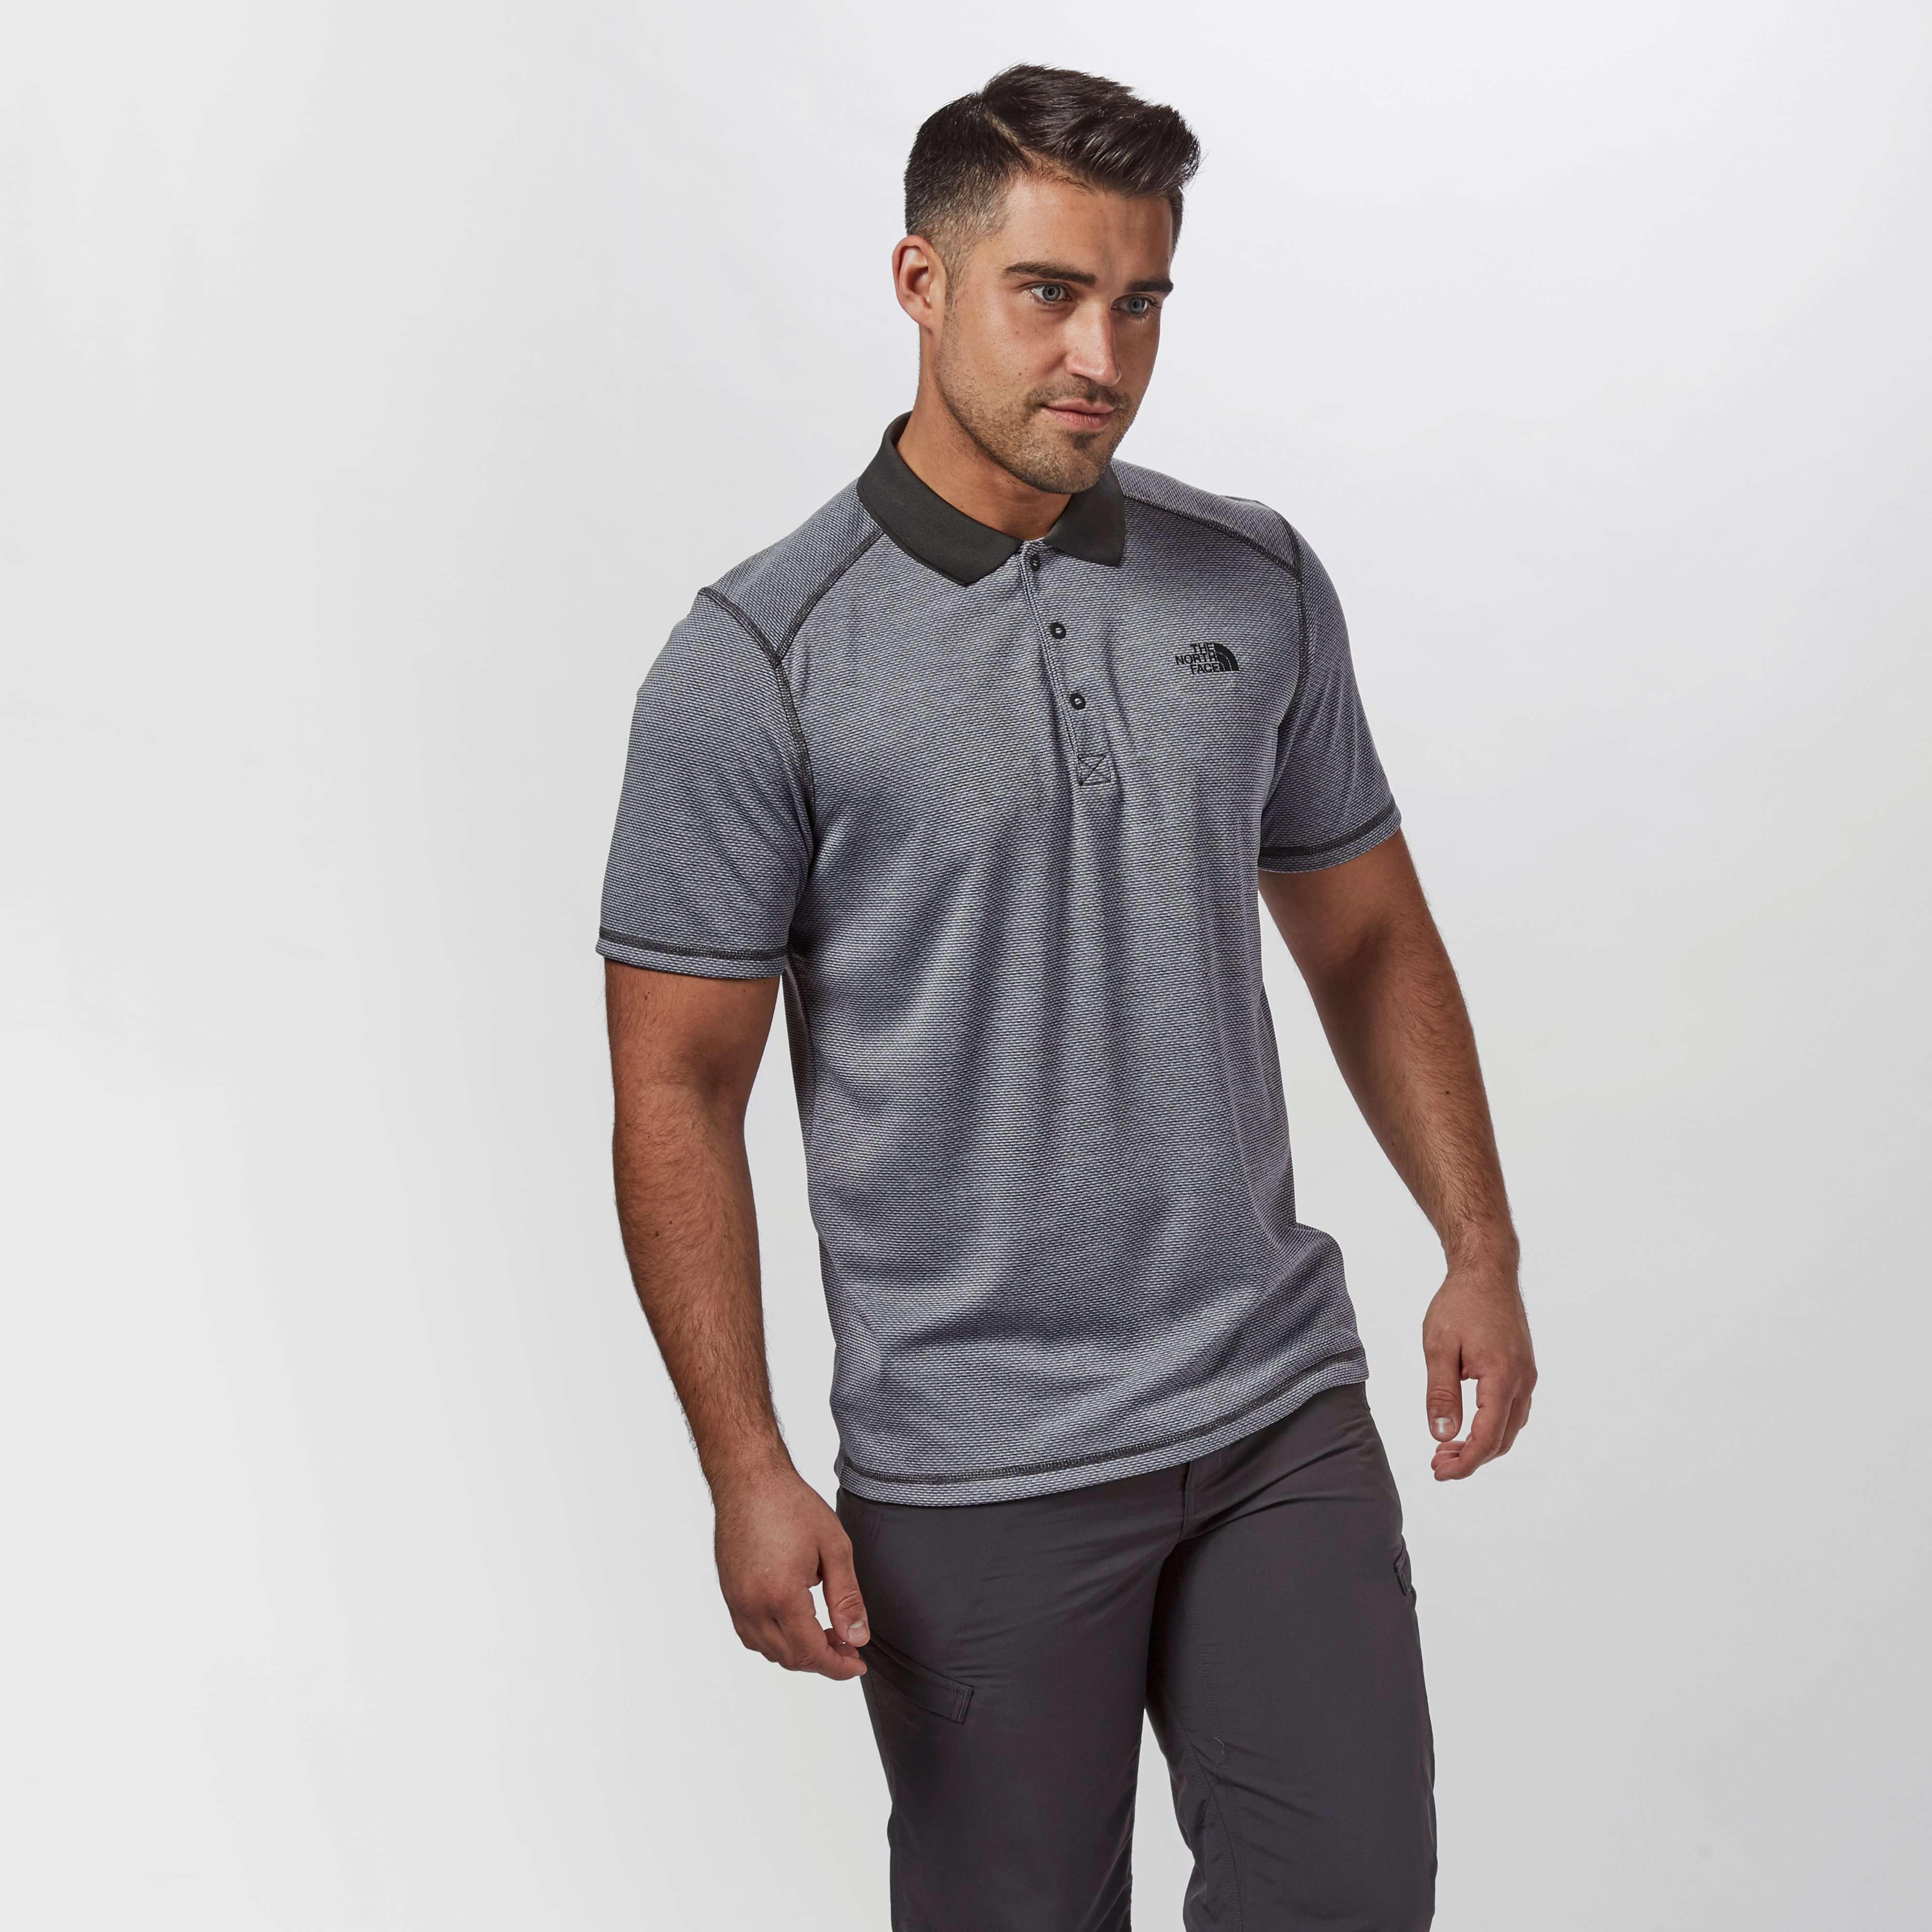 THE NORTH FACE Men's Horizon Polo Shirt